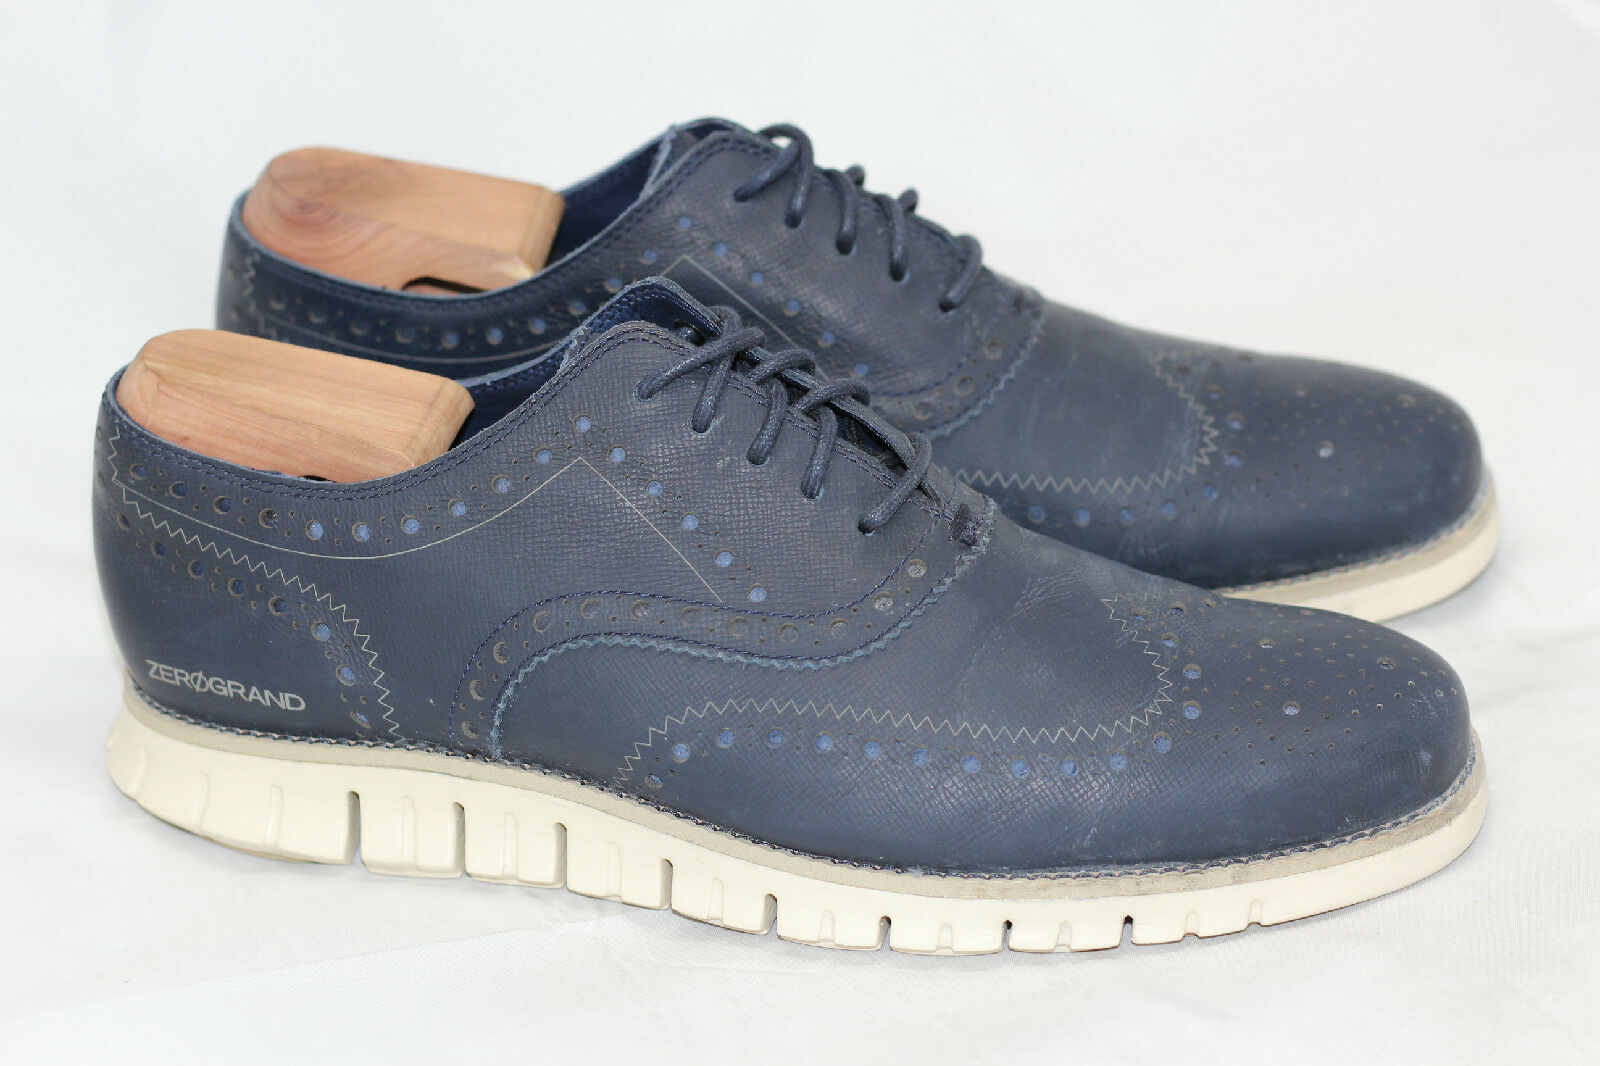 Para Hombre Cole Haan ZeroGrand ala Oxford Zapato-Azul Marino Tinta Brillo 10 M-C20753 (R66)